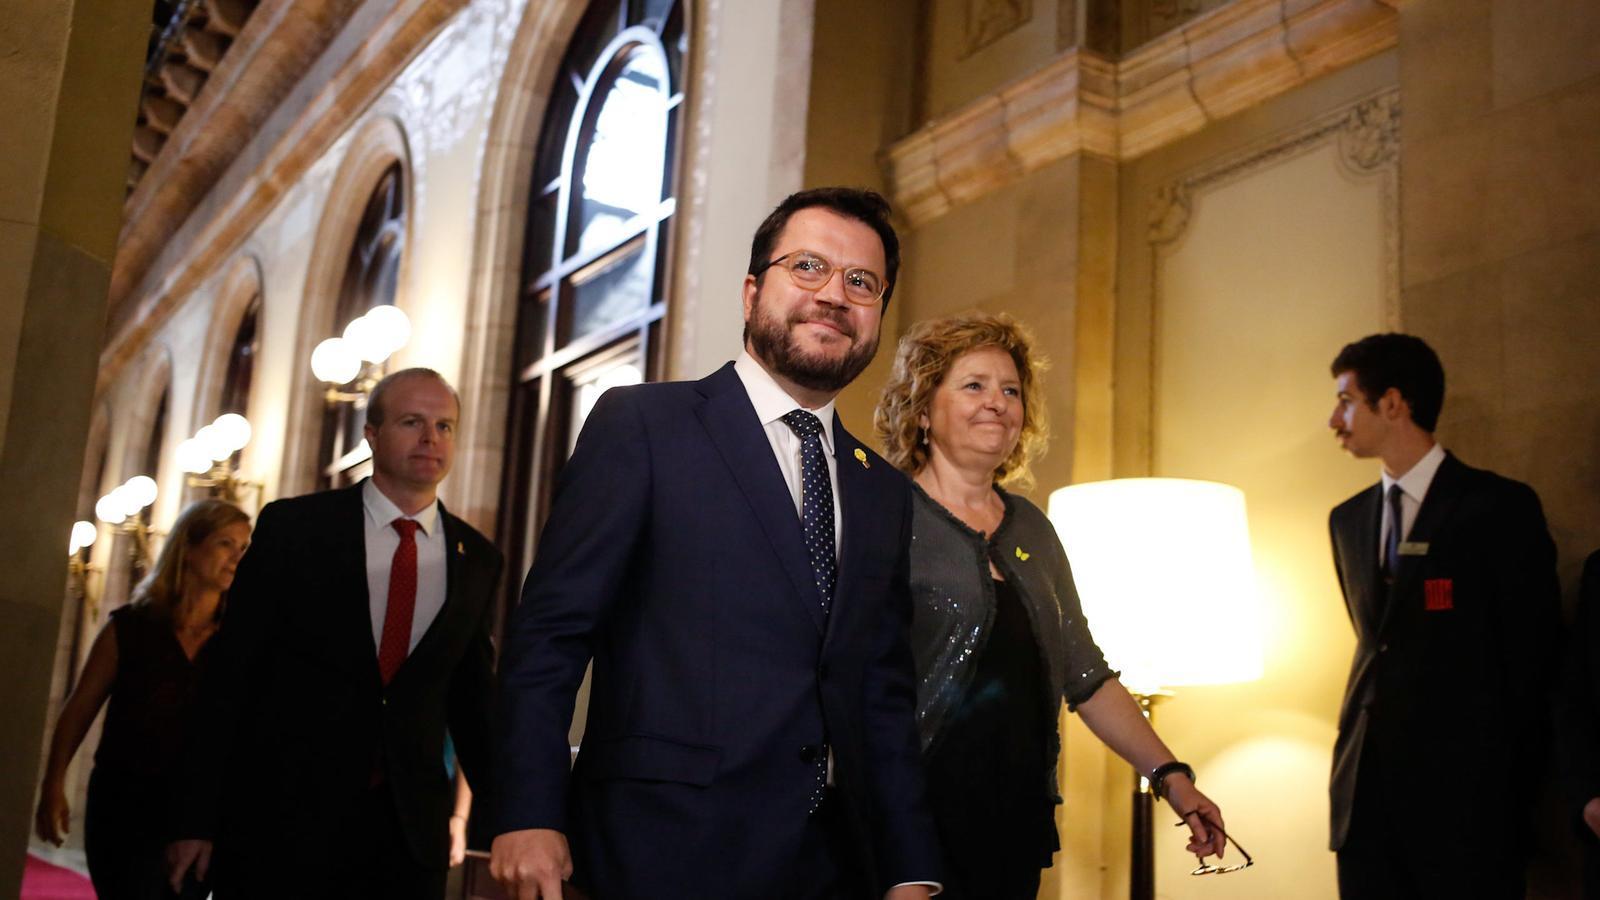 Aragonès anuncia que portarà l'Estat als tribunals pels impagaments i convida la resta d'autonomies a sumar-s'hi